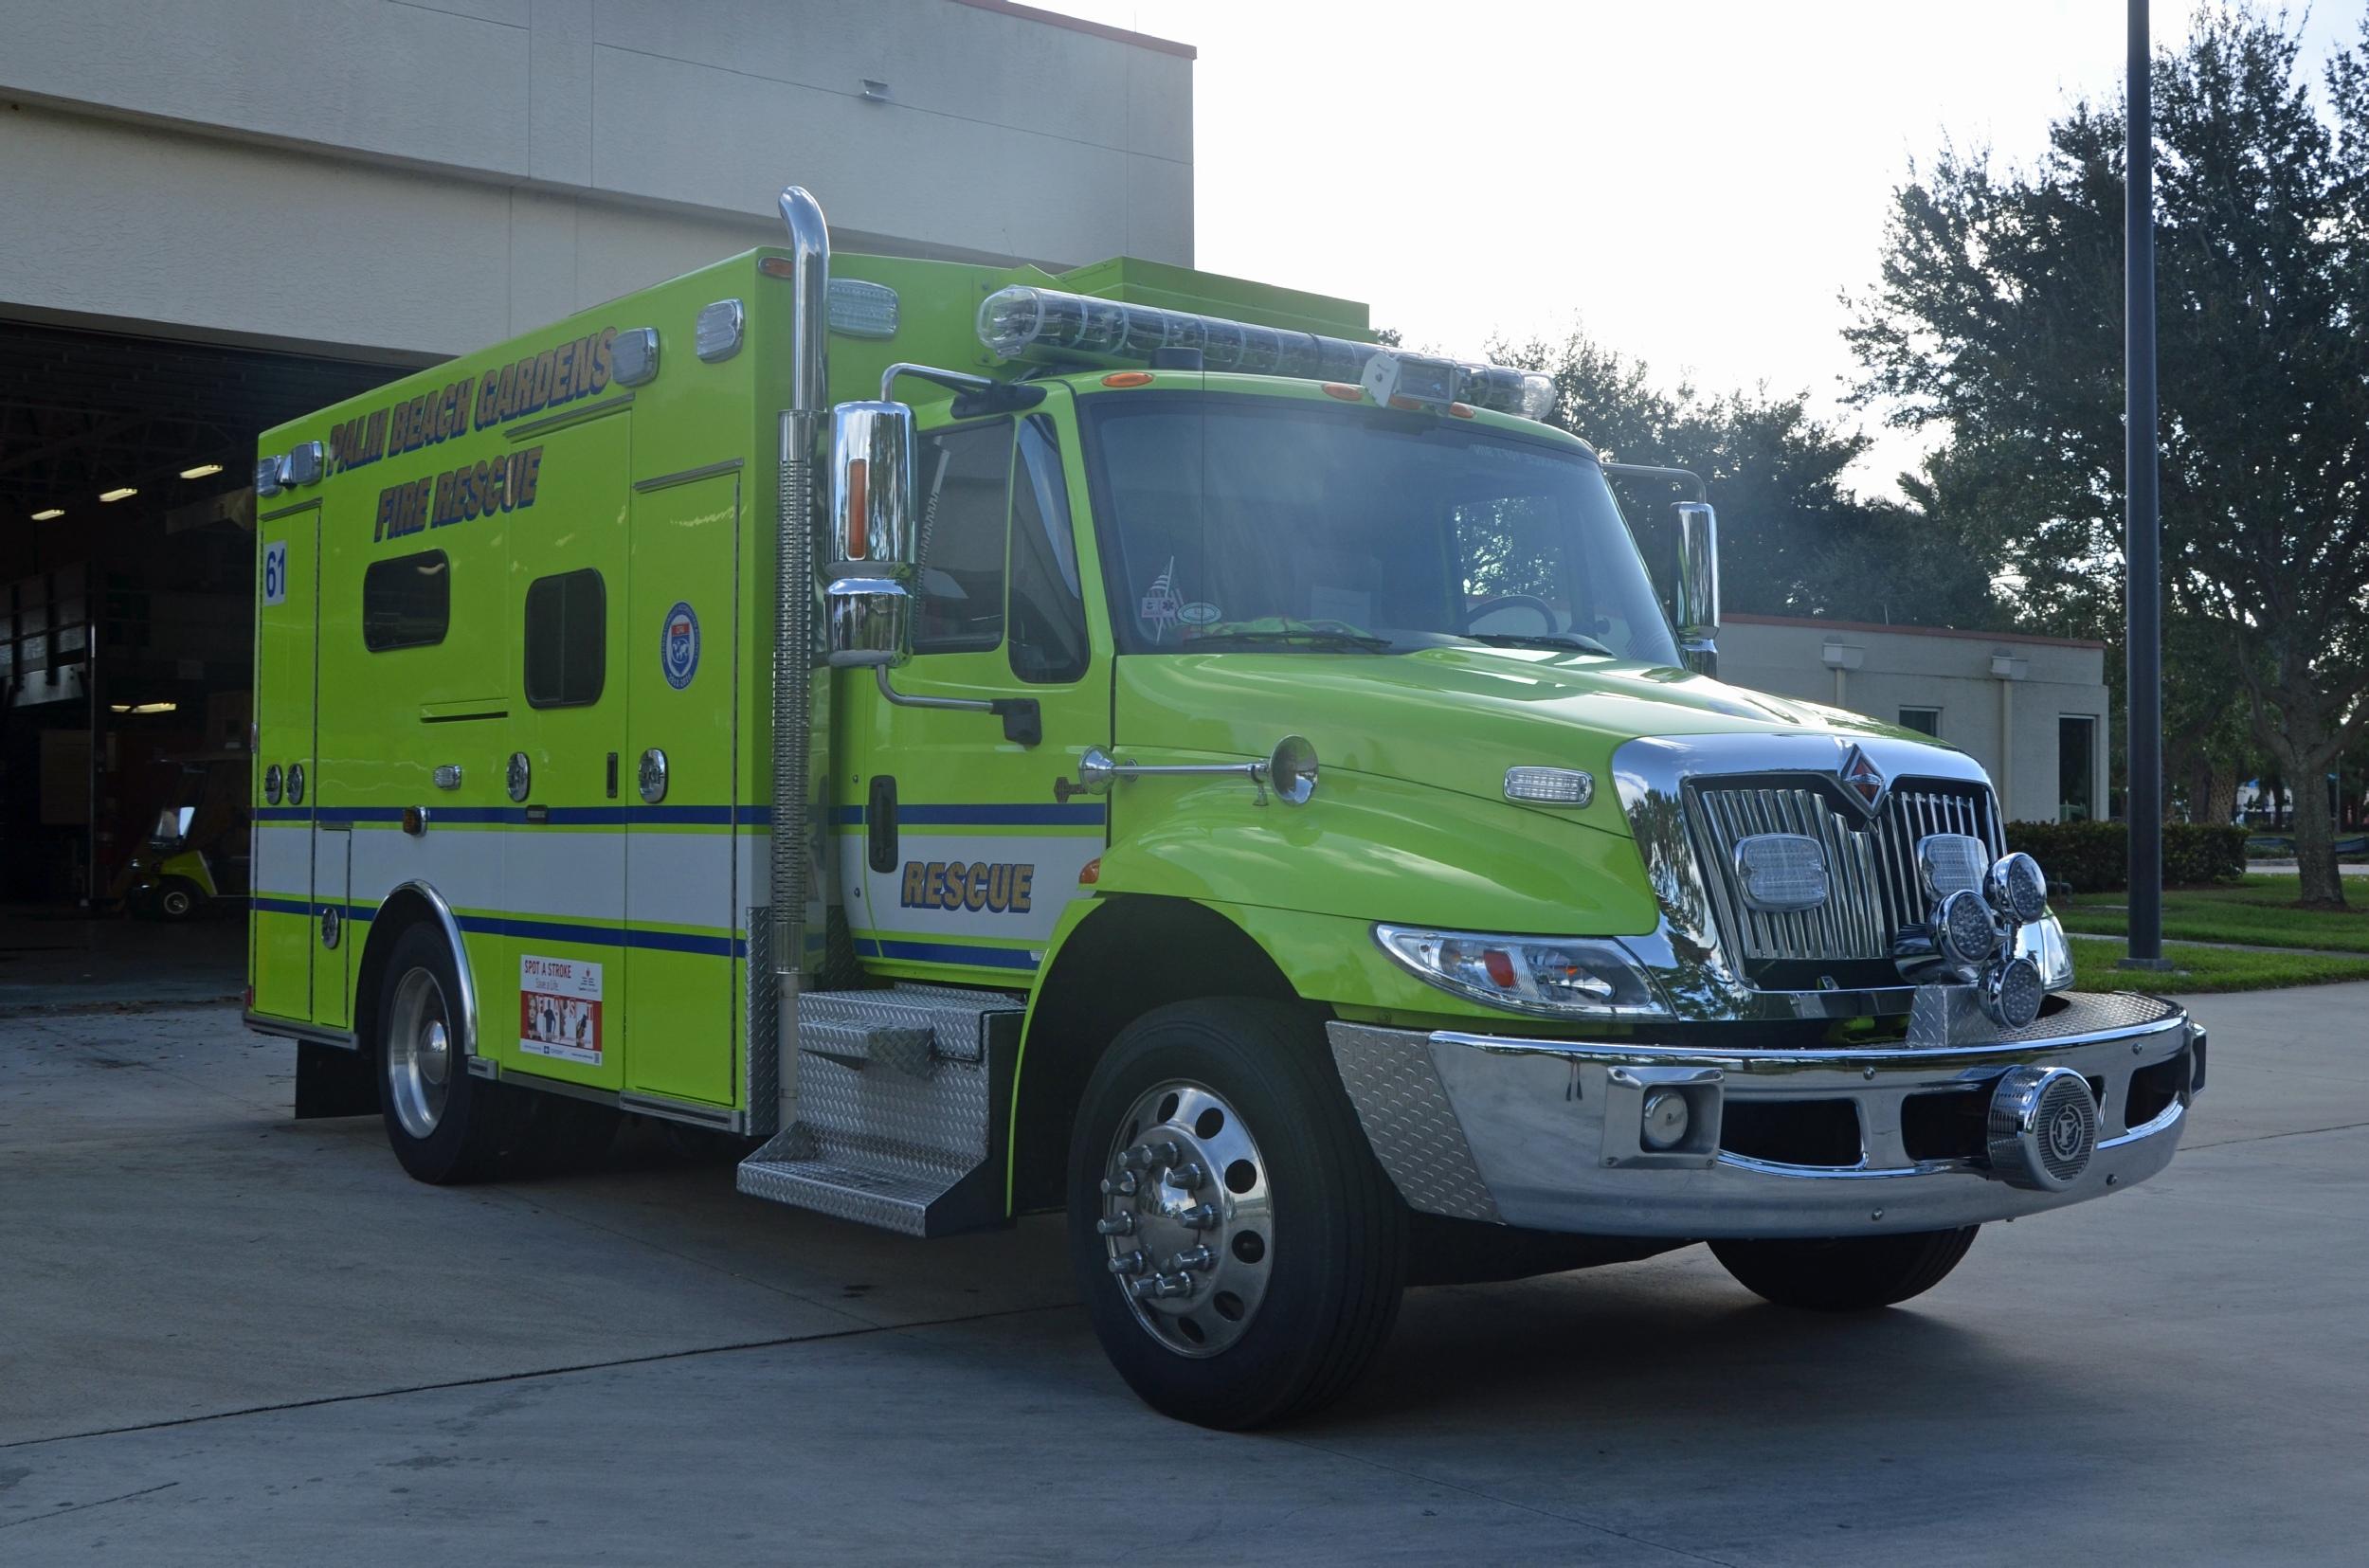 FL, Palm Beach Gardens Fire Department EMS